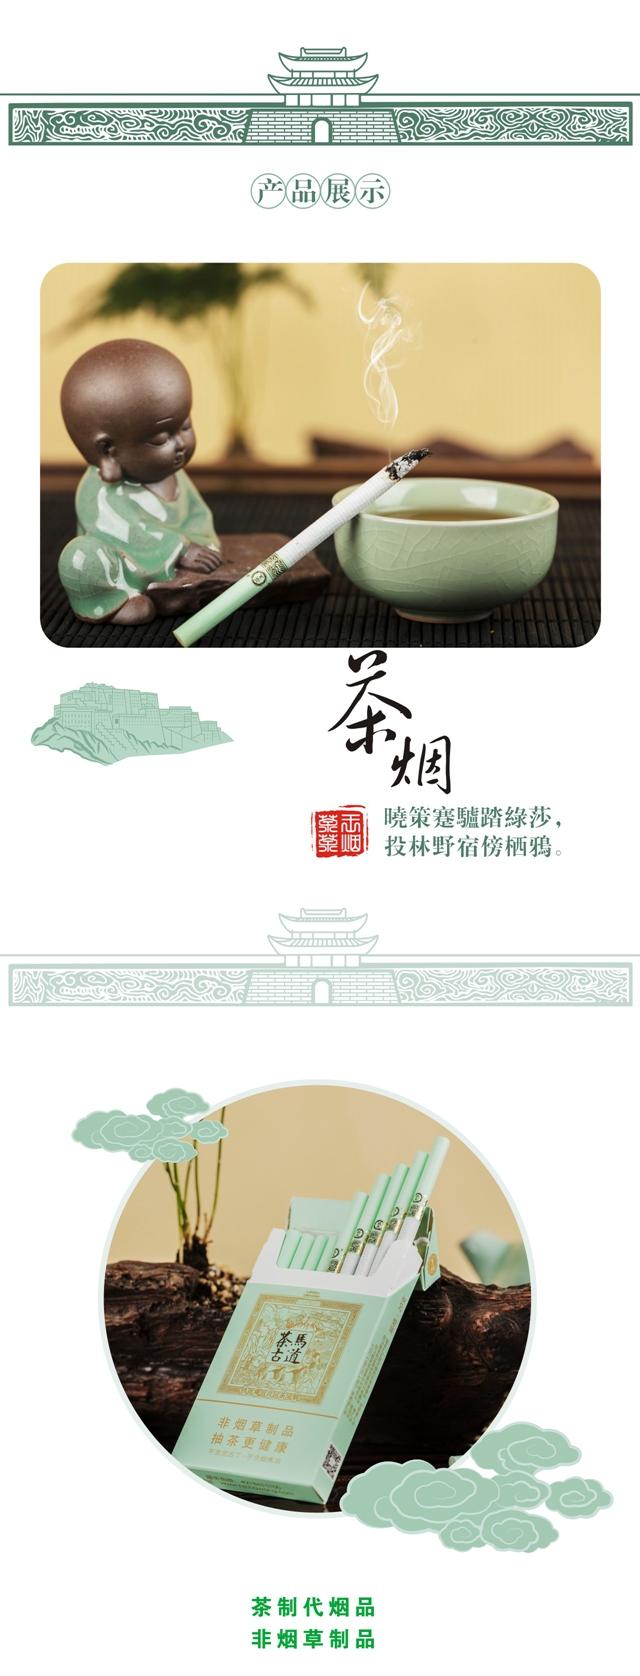 茶马古道铁观音-详情(导出)10.jpg